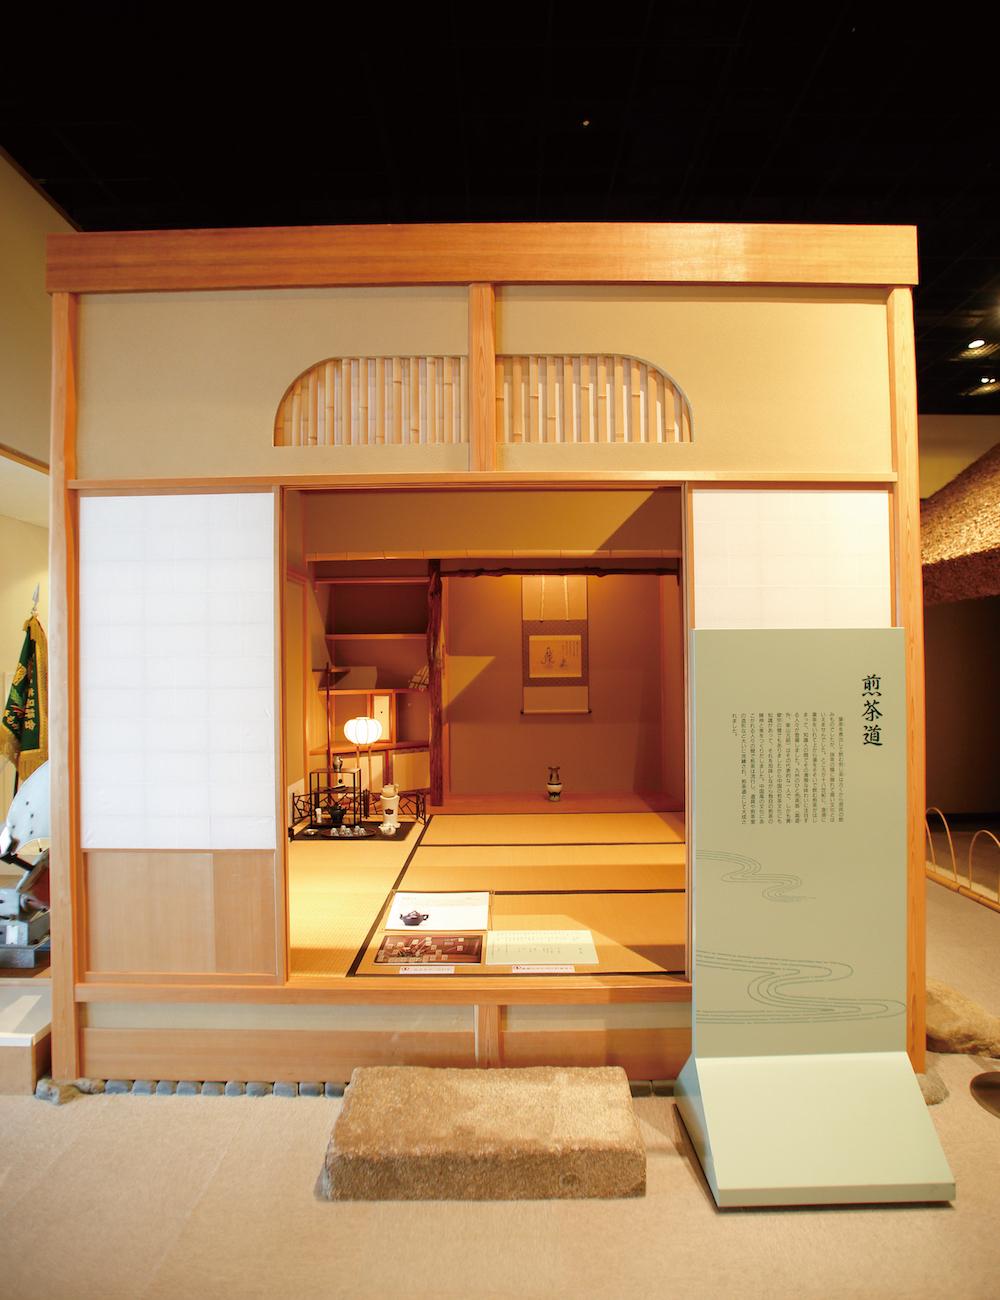 煎茶室的设计和制作煎茶时用到的道具皆陈列其中,展示煎茶道文化的历史沿革。